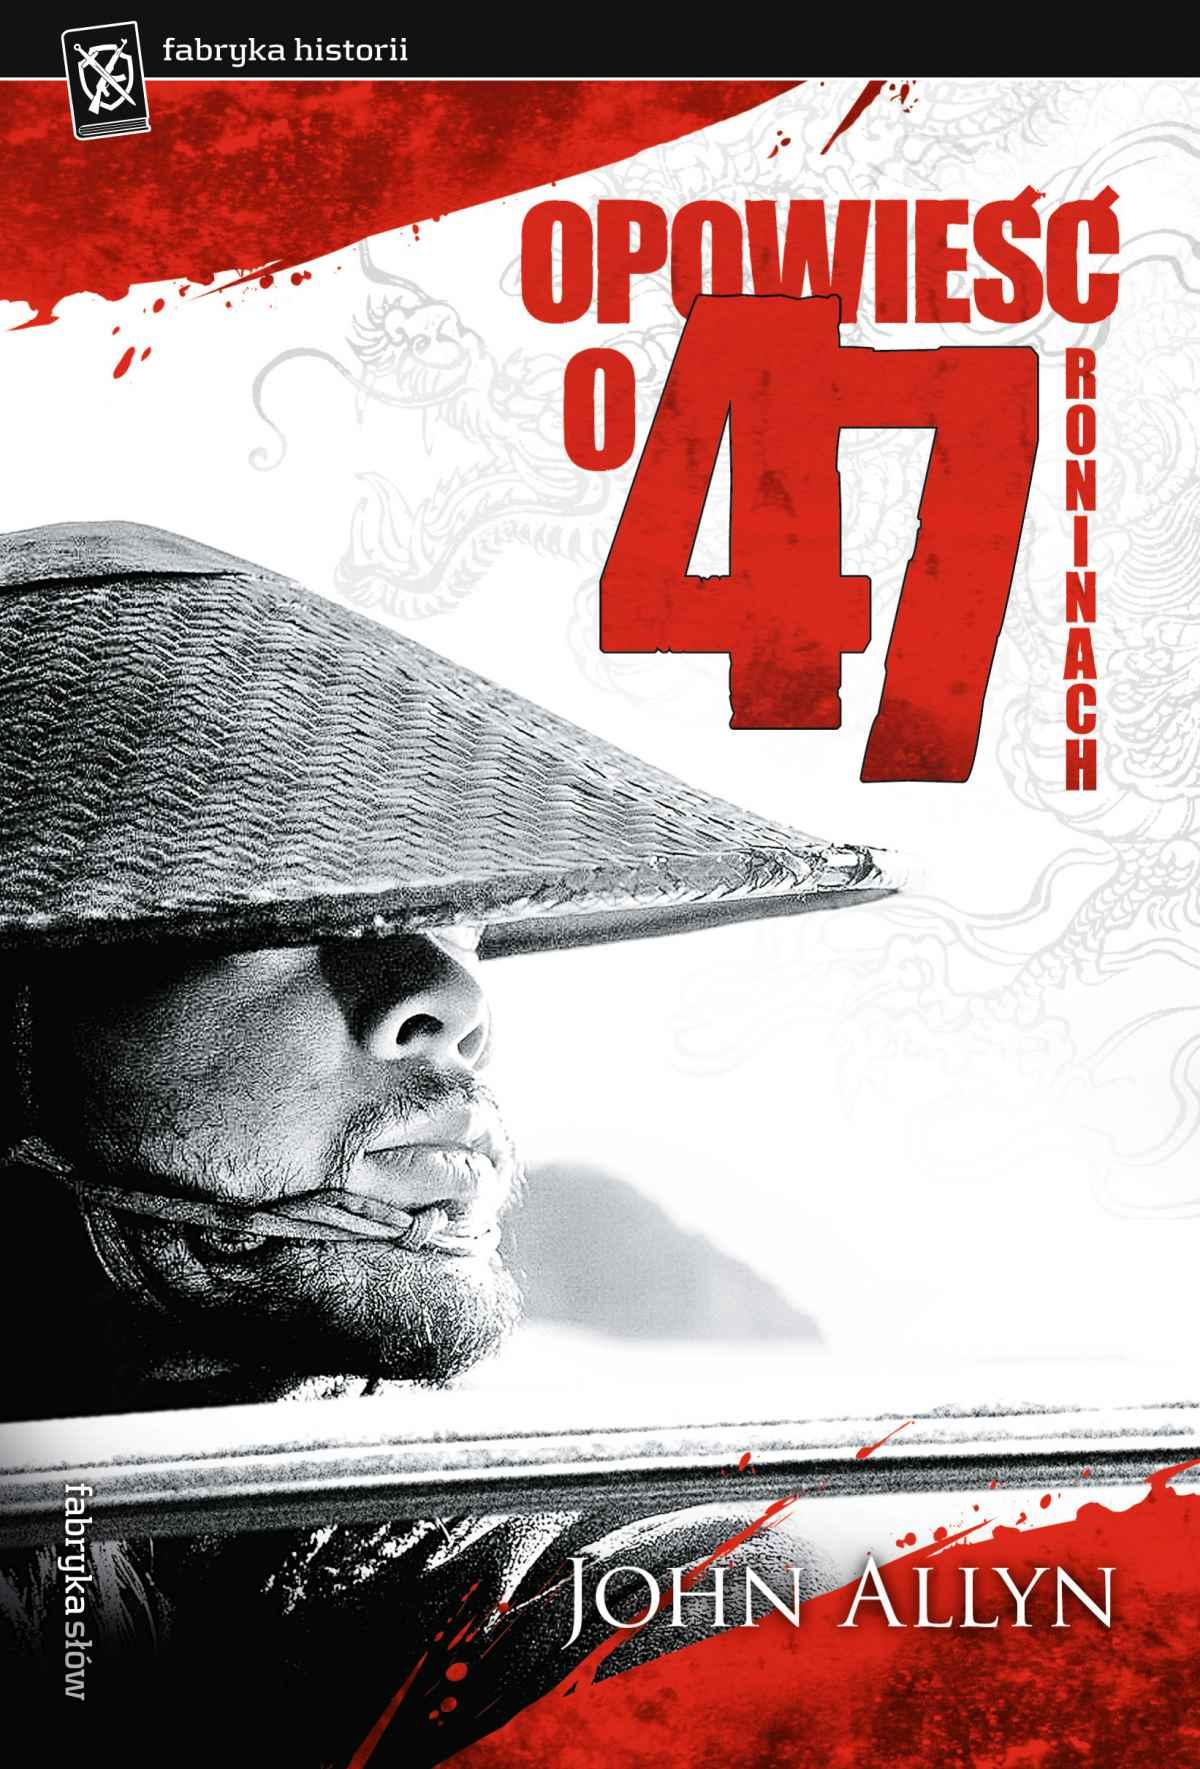 Opowieść o 47 Roninach - Ebook (Książka EPUB) do pobrania w formacie EPUB